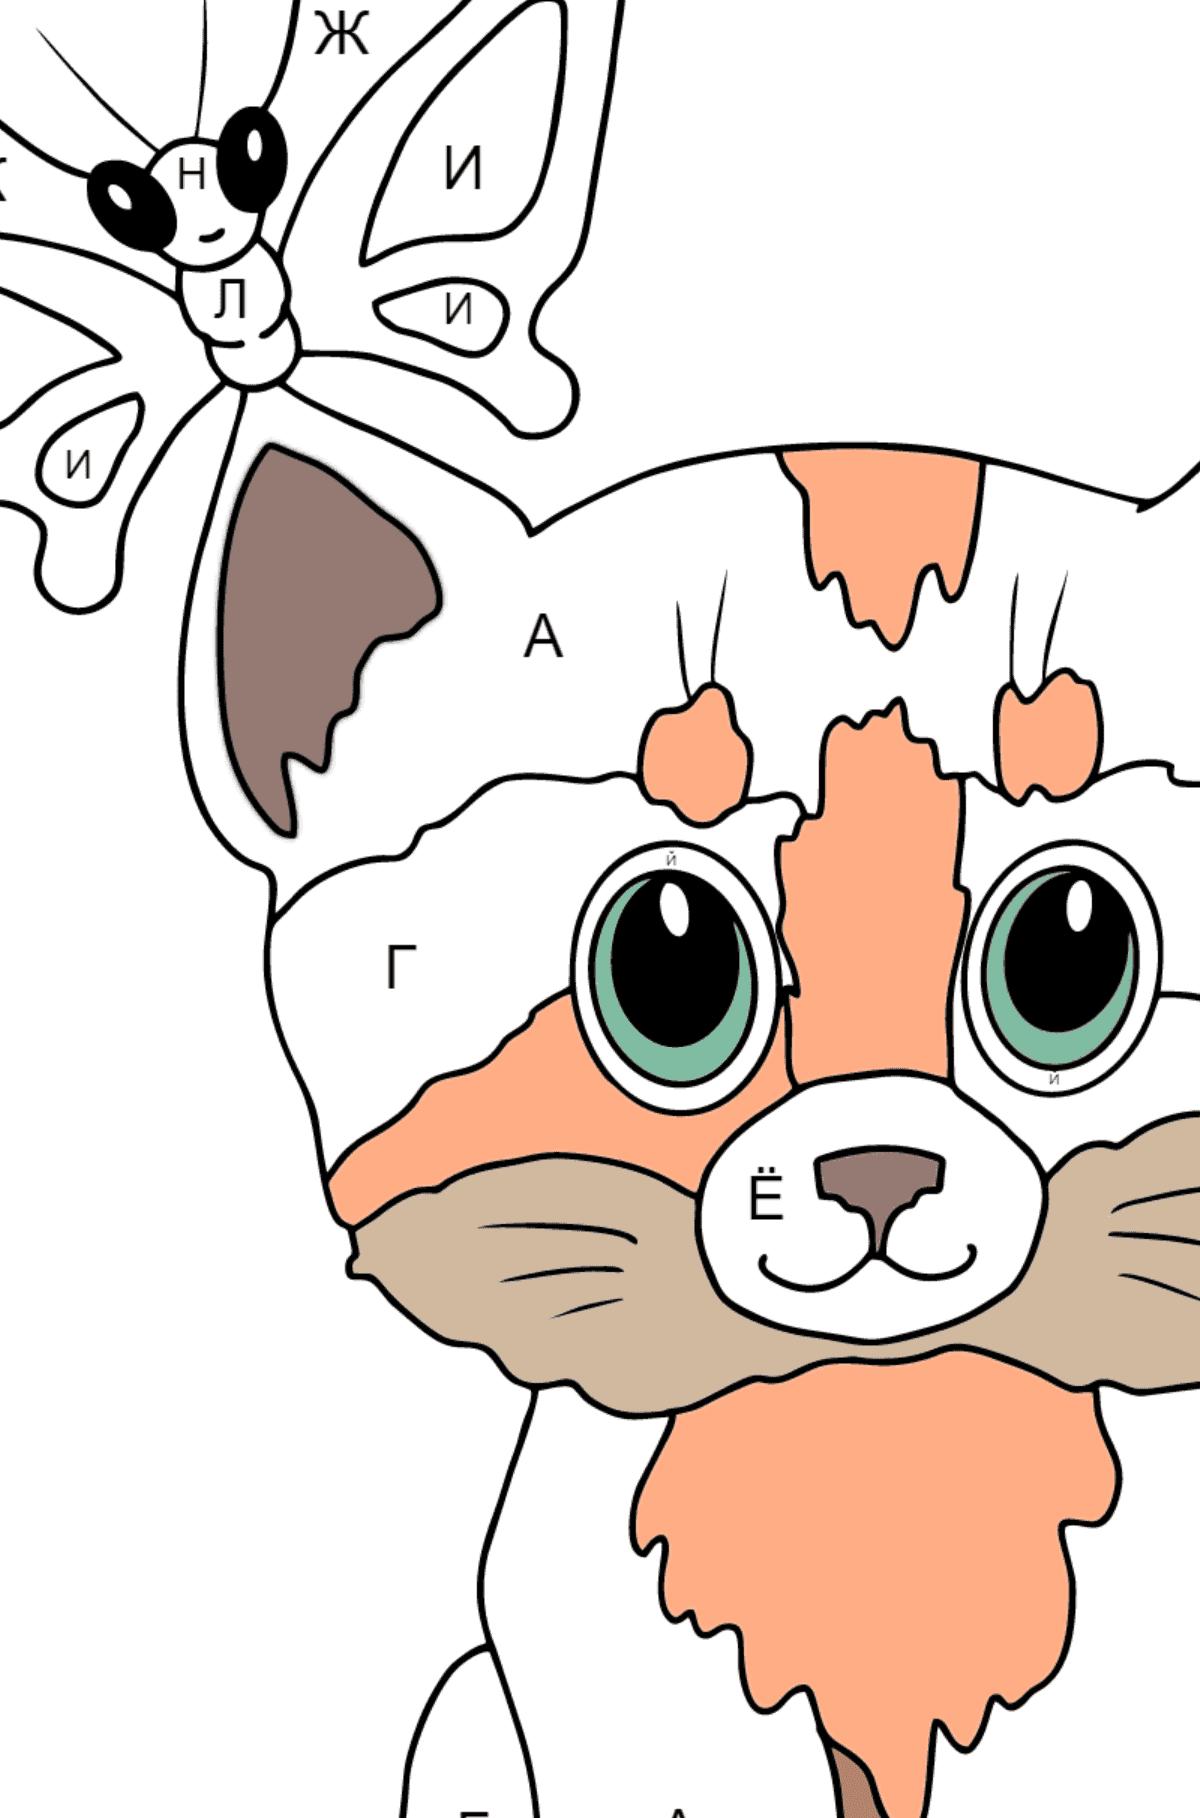 Раскраска кошка с бабочкой на ухе - Раскраска по Буквам для Детей